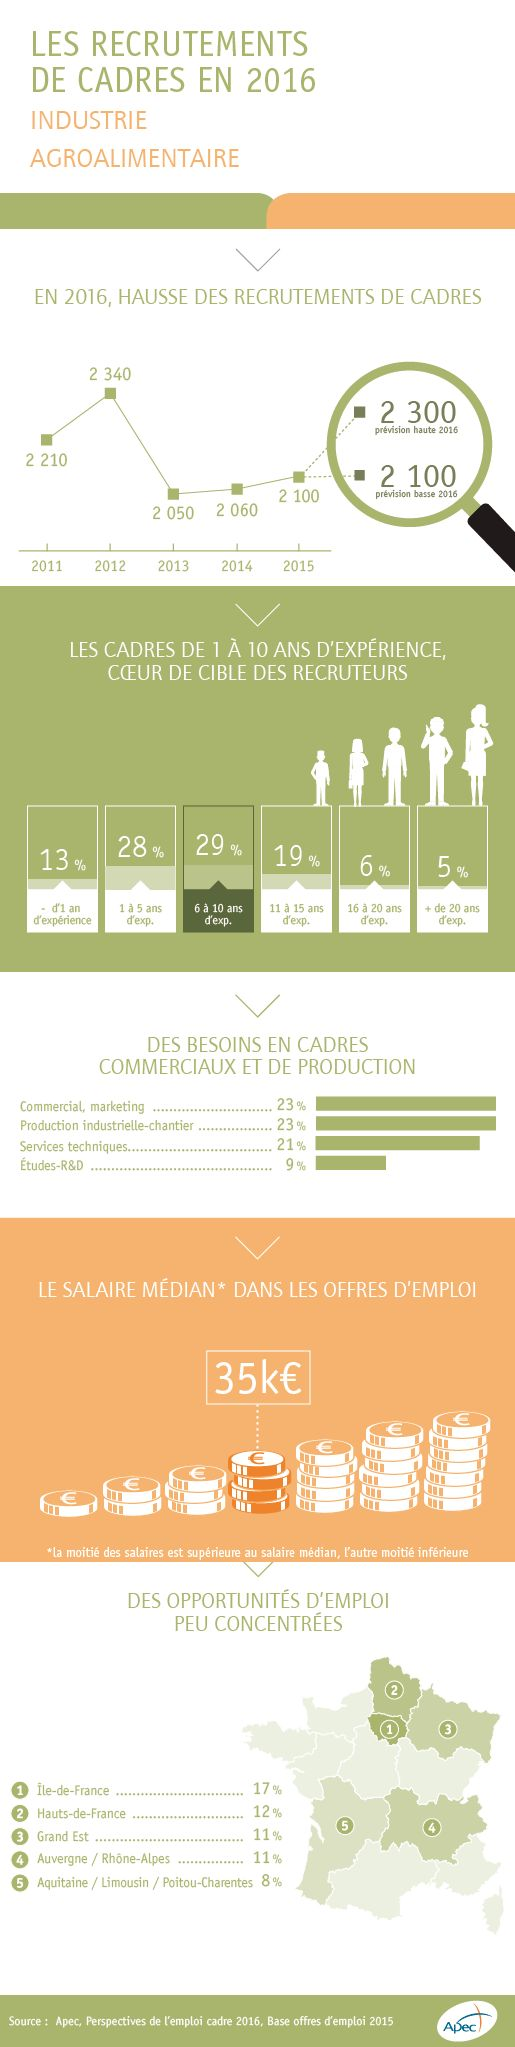 Les recrutements de cadres en 2016 dans l'industrie agroalimentaire